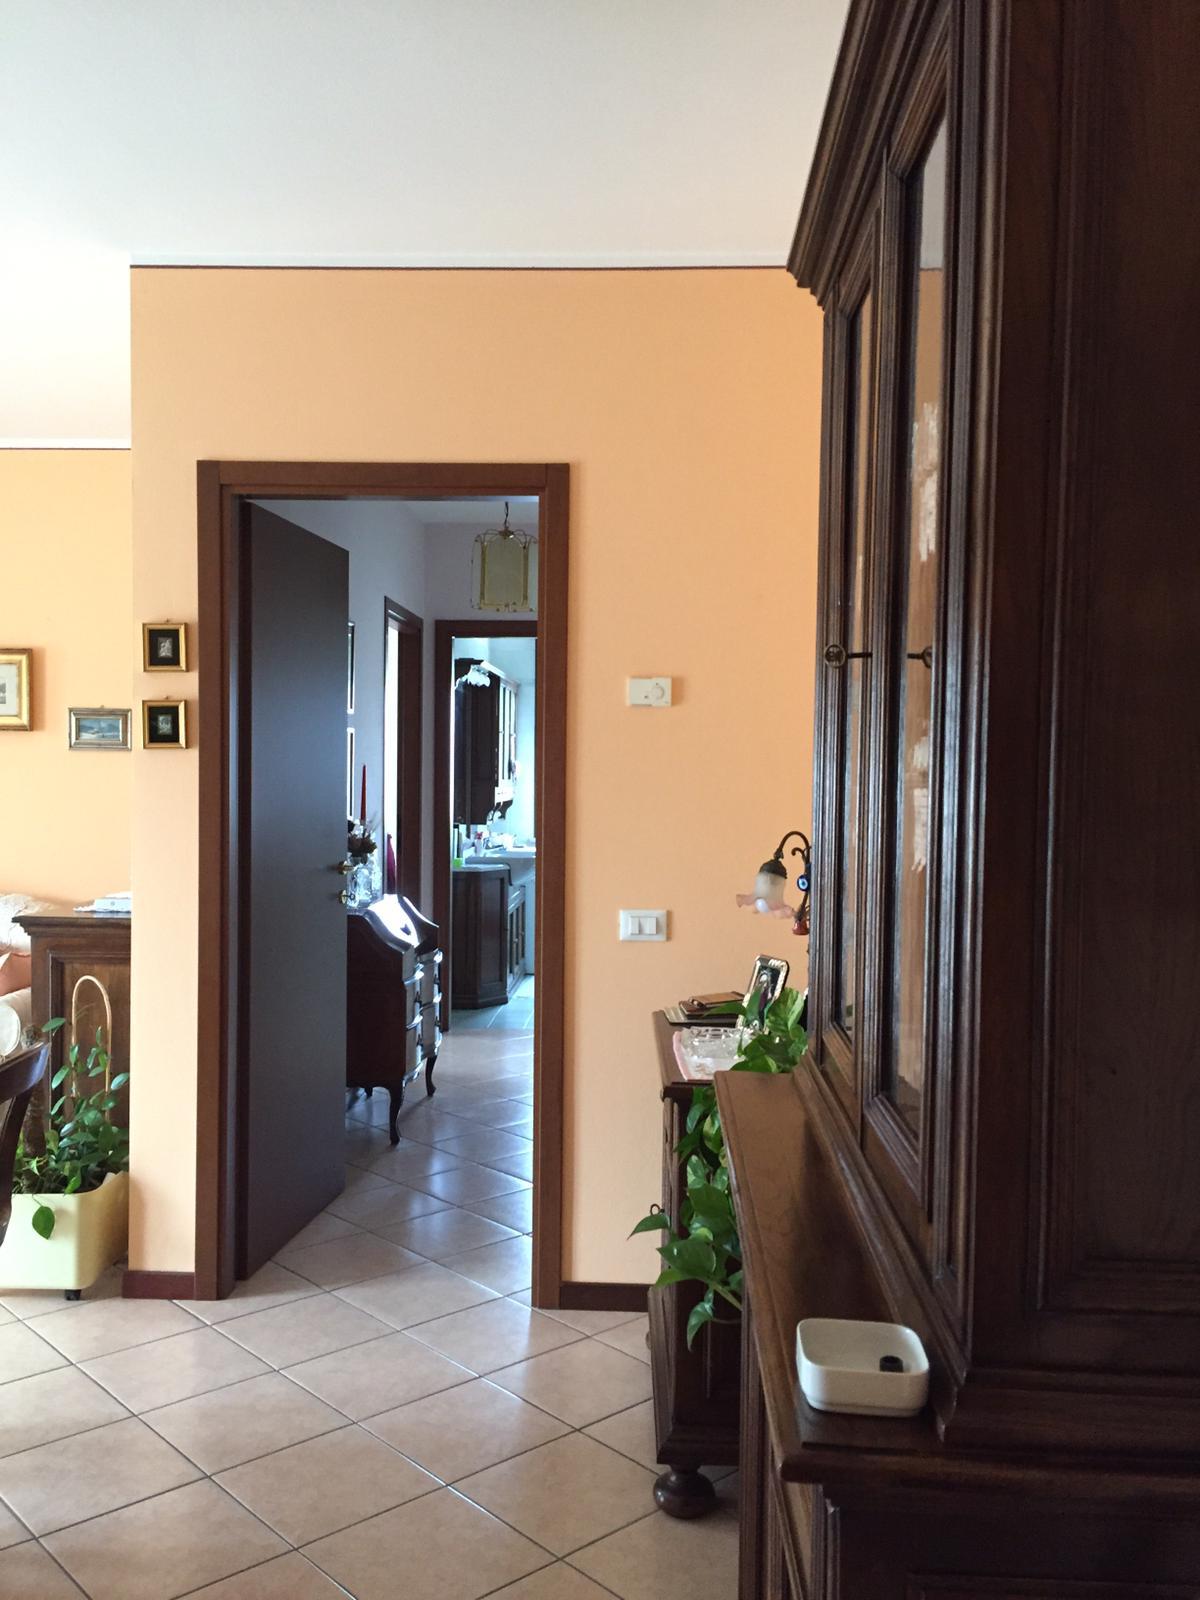 Appartamento in vendita a San Giorgio di Mantova, 2 locali, zona Zona: Tripoli, prezzo € 75.000 | CambioCasa.it